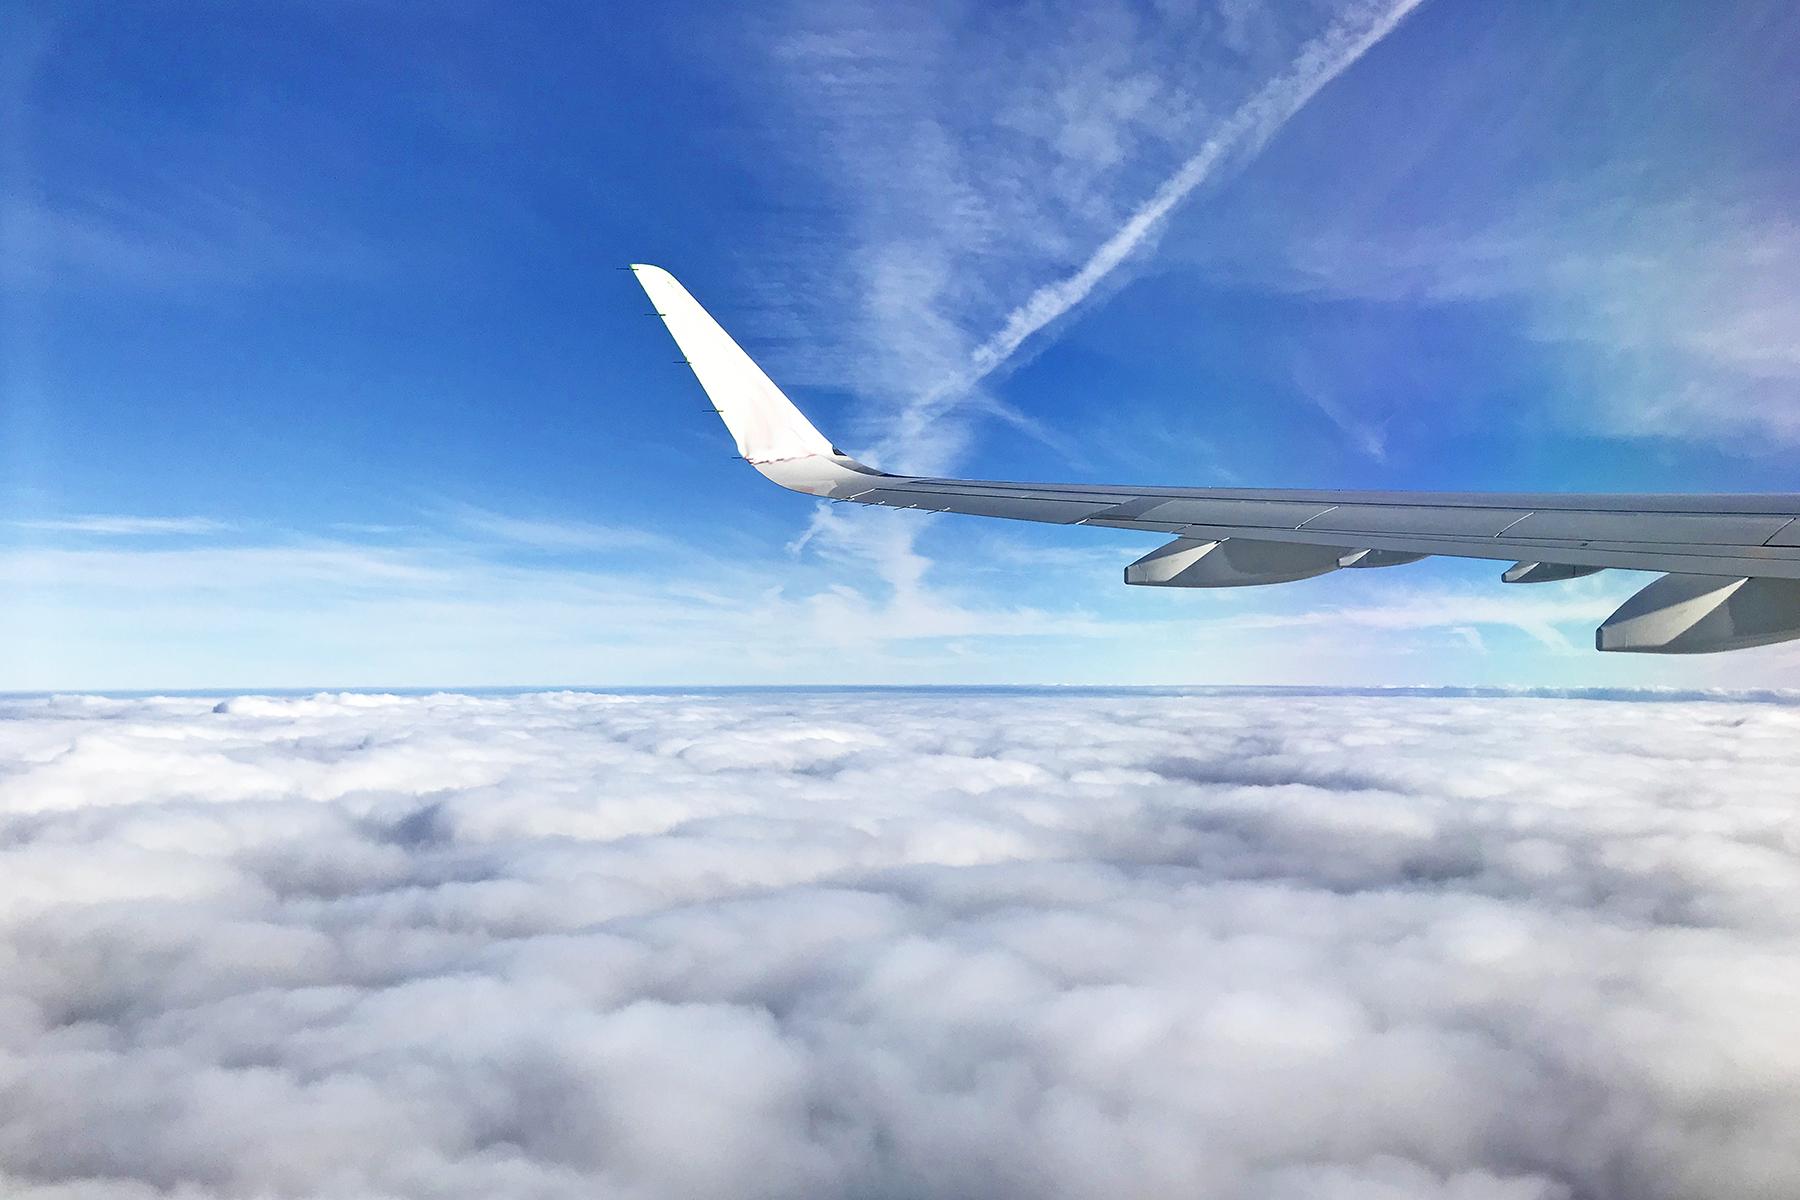 Krank durch Klimaanlagen auf Reisen: 10 Tipps, wie man trotz Air Condition gesund bleibt